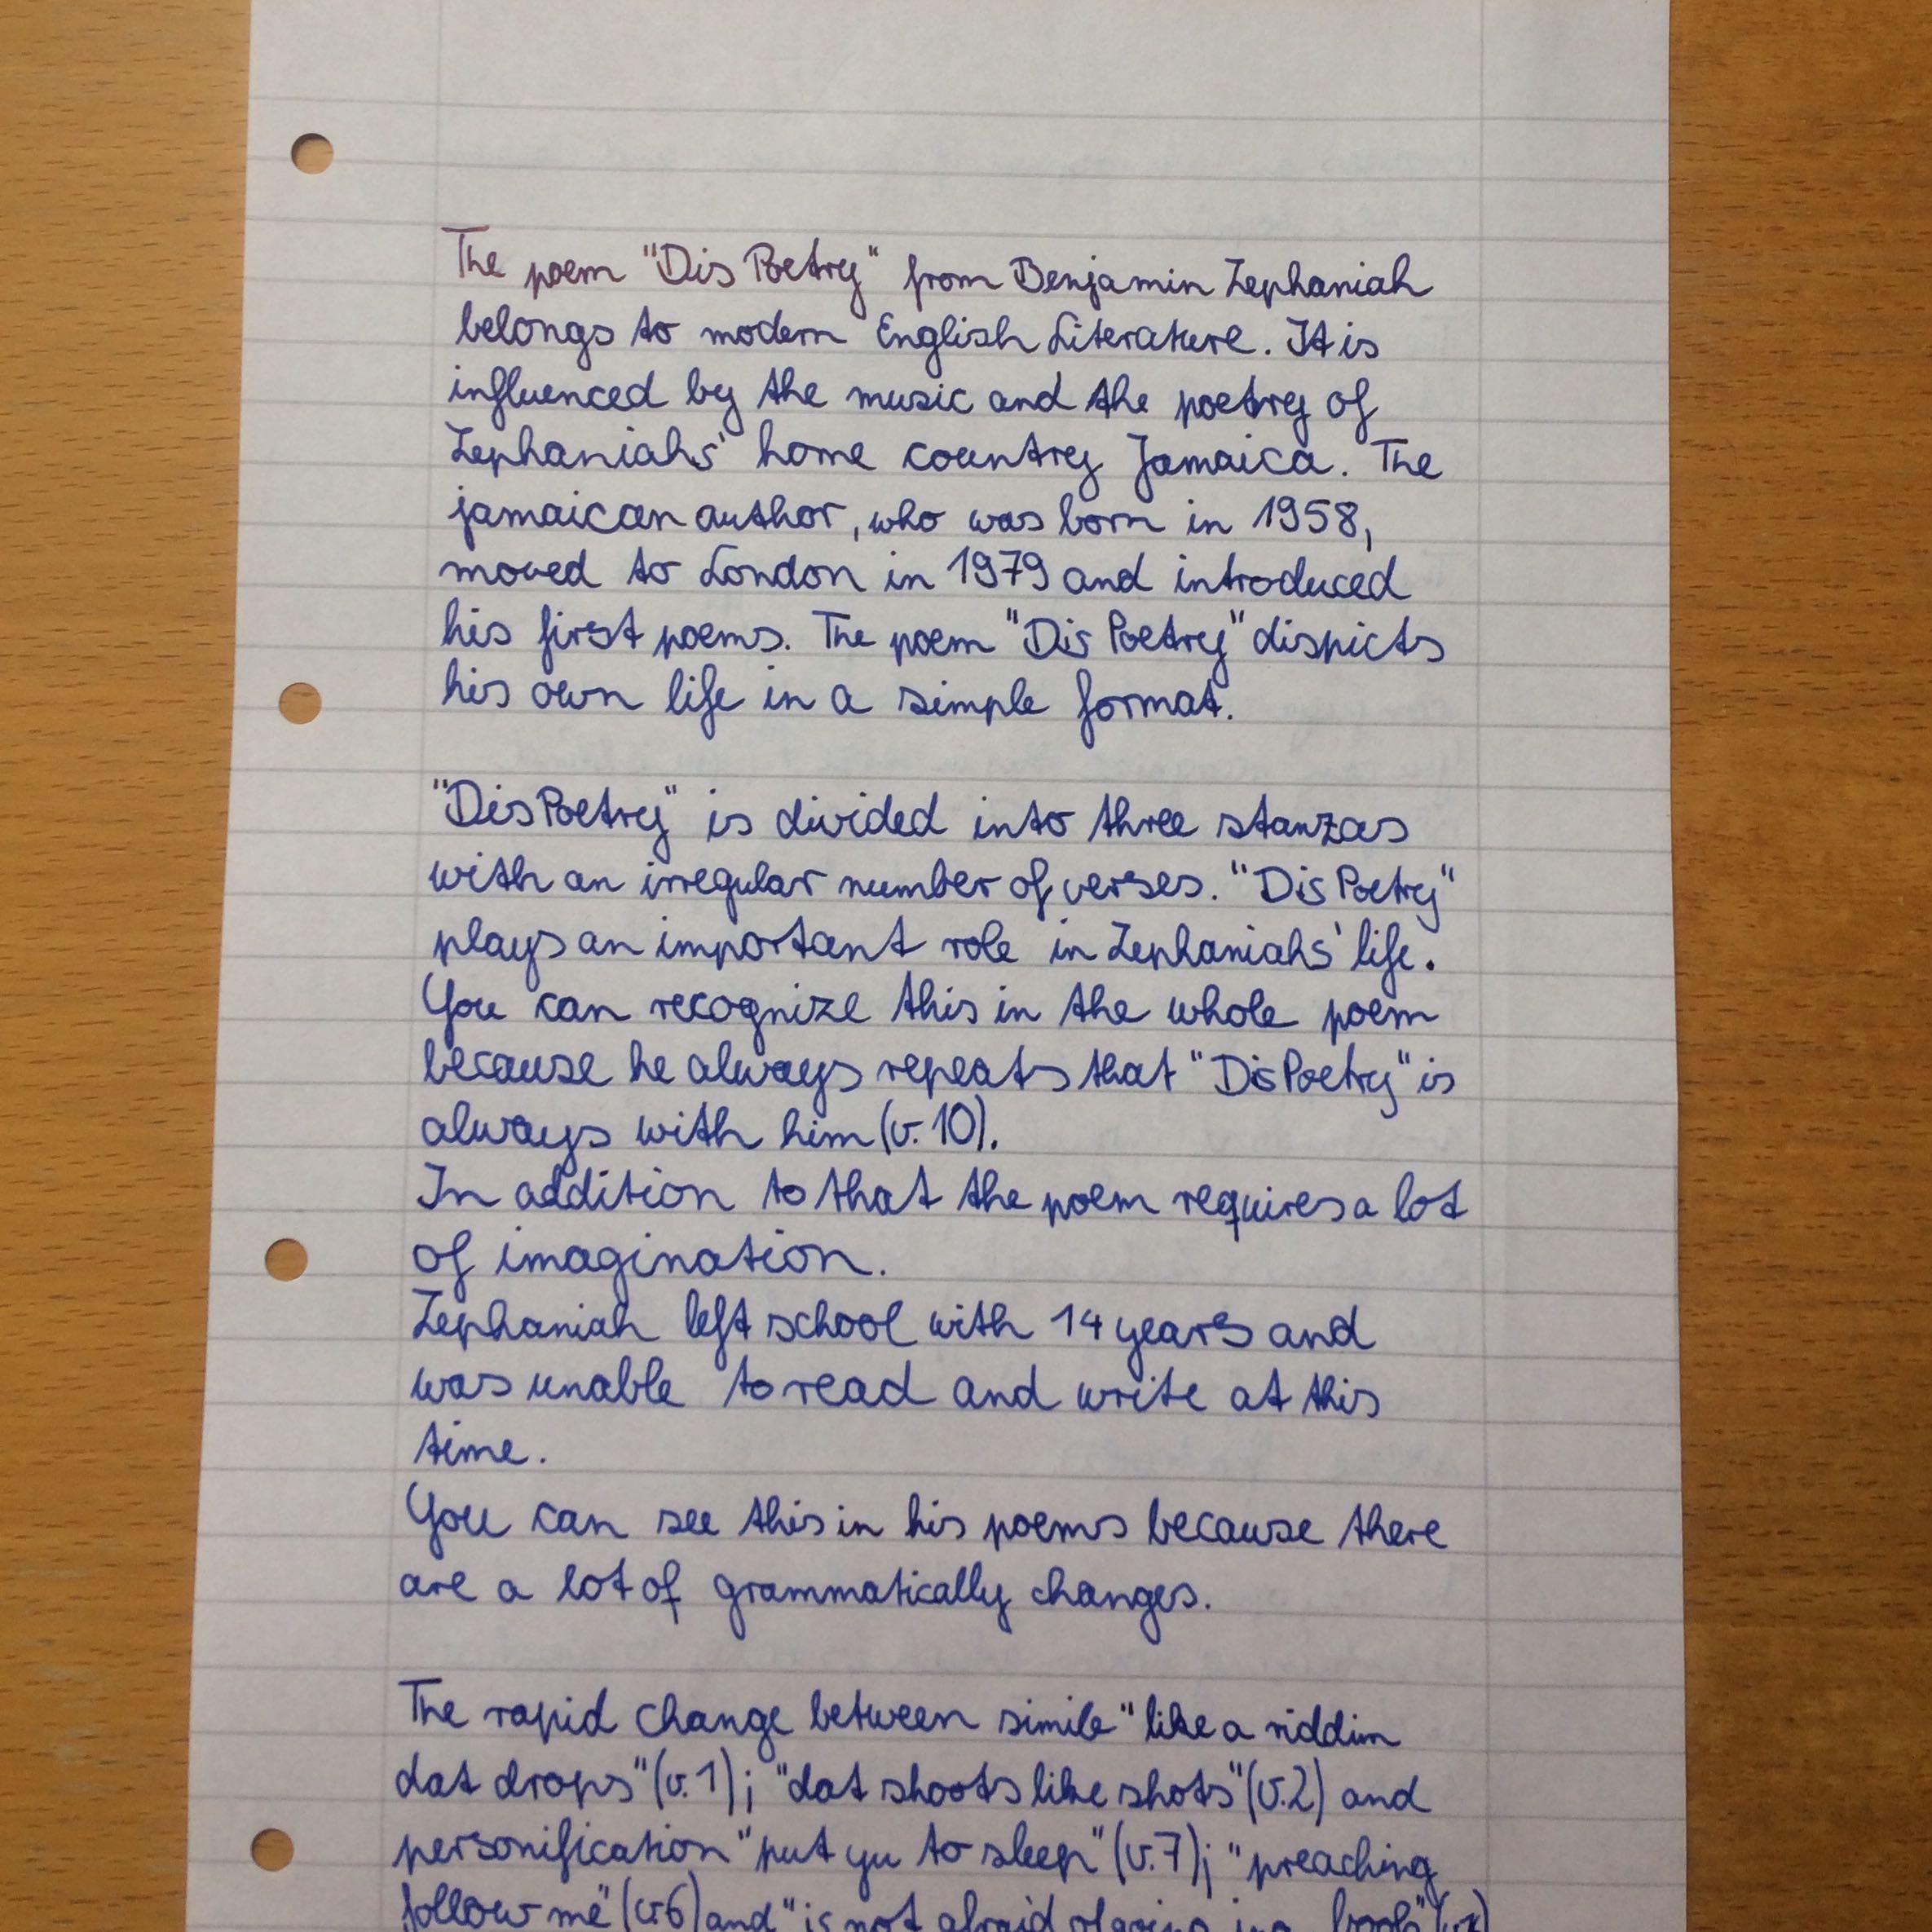 Summary Schreiben Aufbau Tipps Beispiele Vinpearl Baidaiinfo